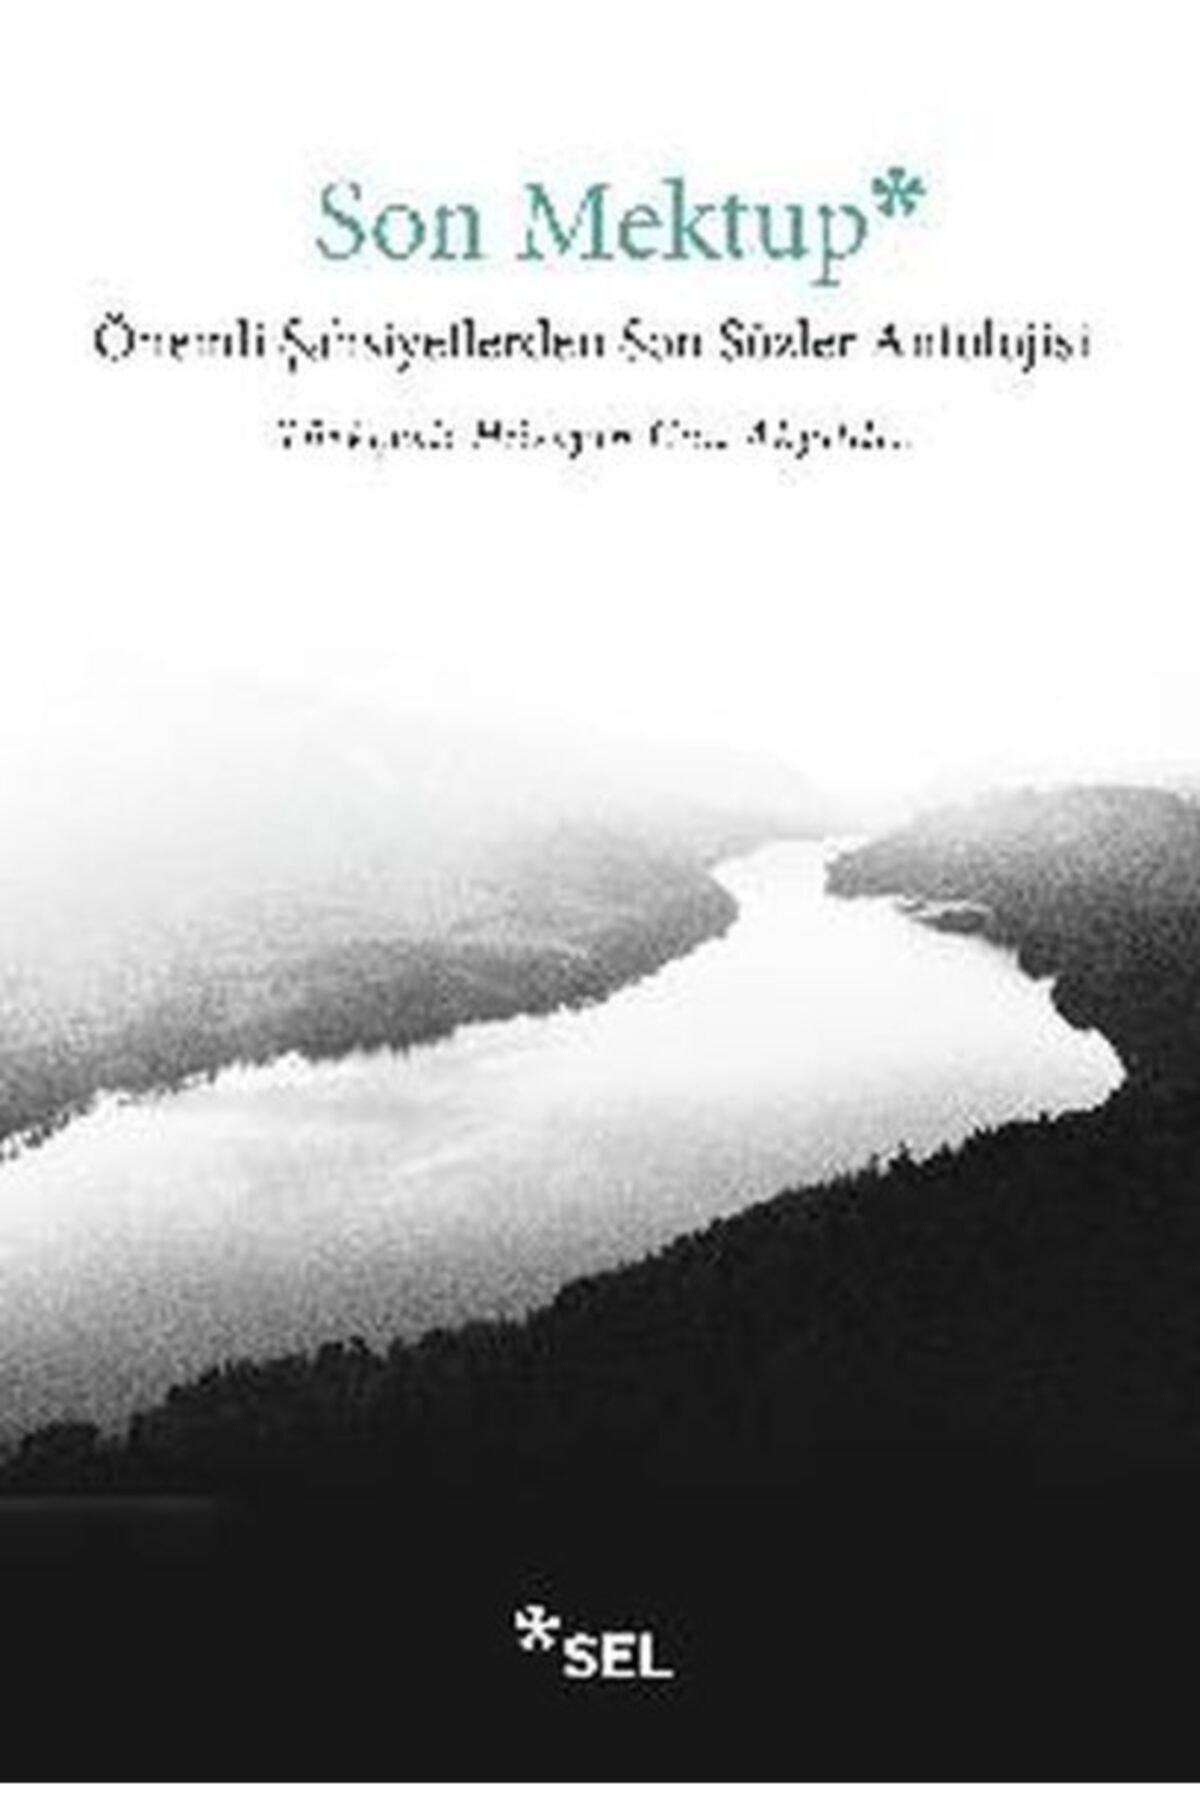 Sel Yayınları Son Mektup Önemli Şahsiyetlerden Son Sözler Antolojisi 1